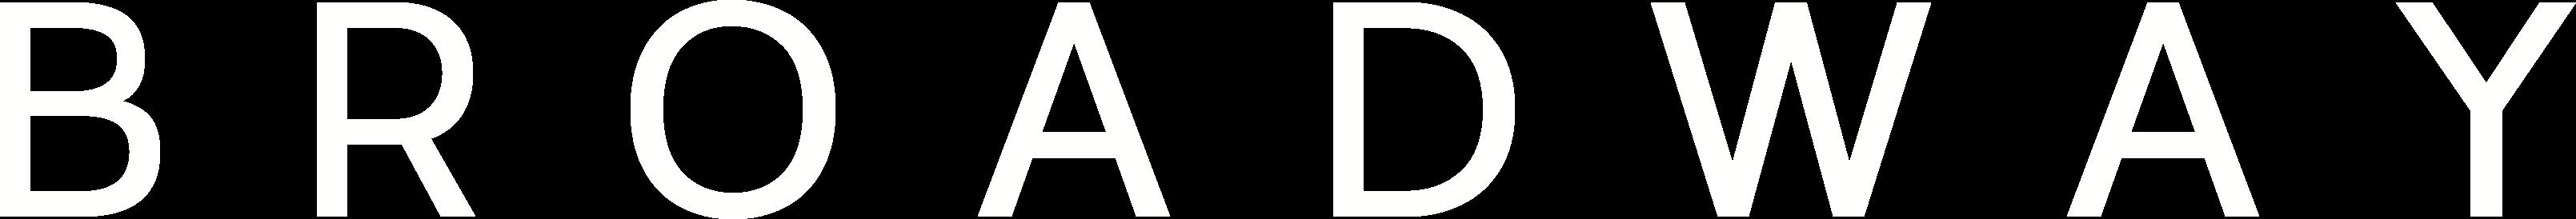 broadway-logo